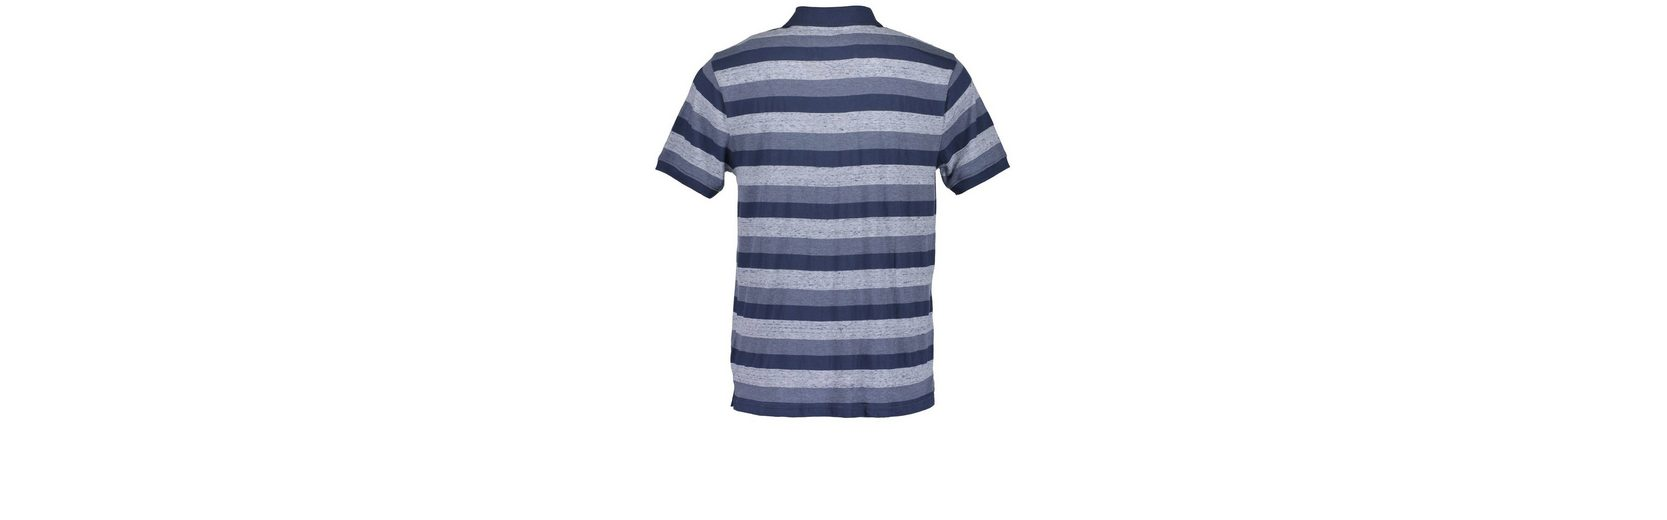 Blue Seven Poloshirt in leichter Mischqualität Outlet Kaufen QQDsYXdEz6